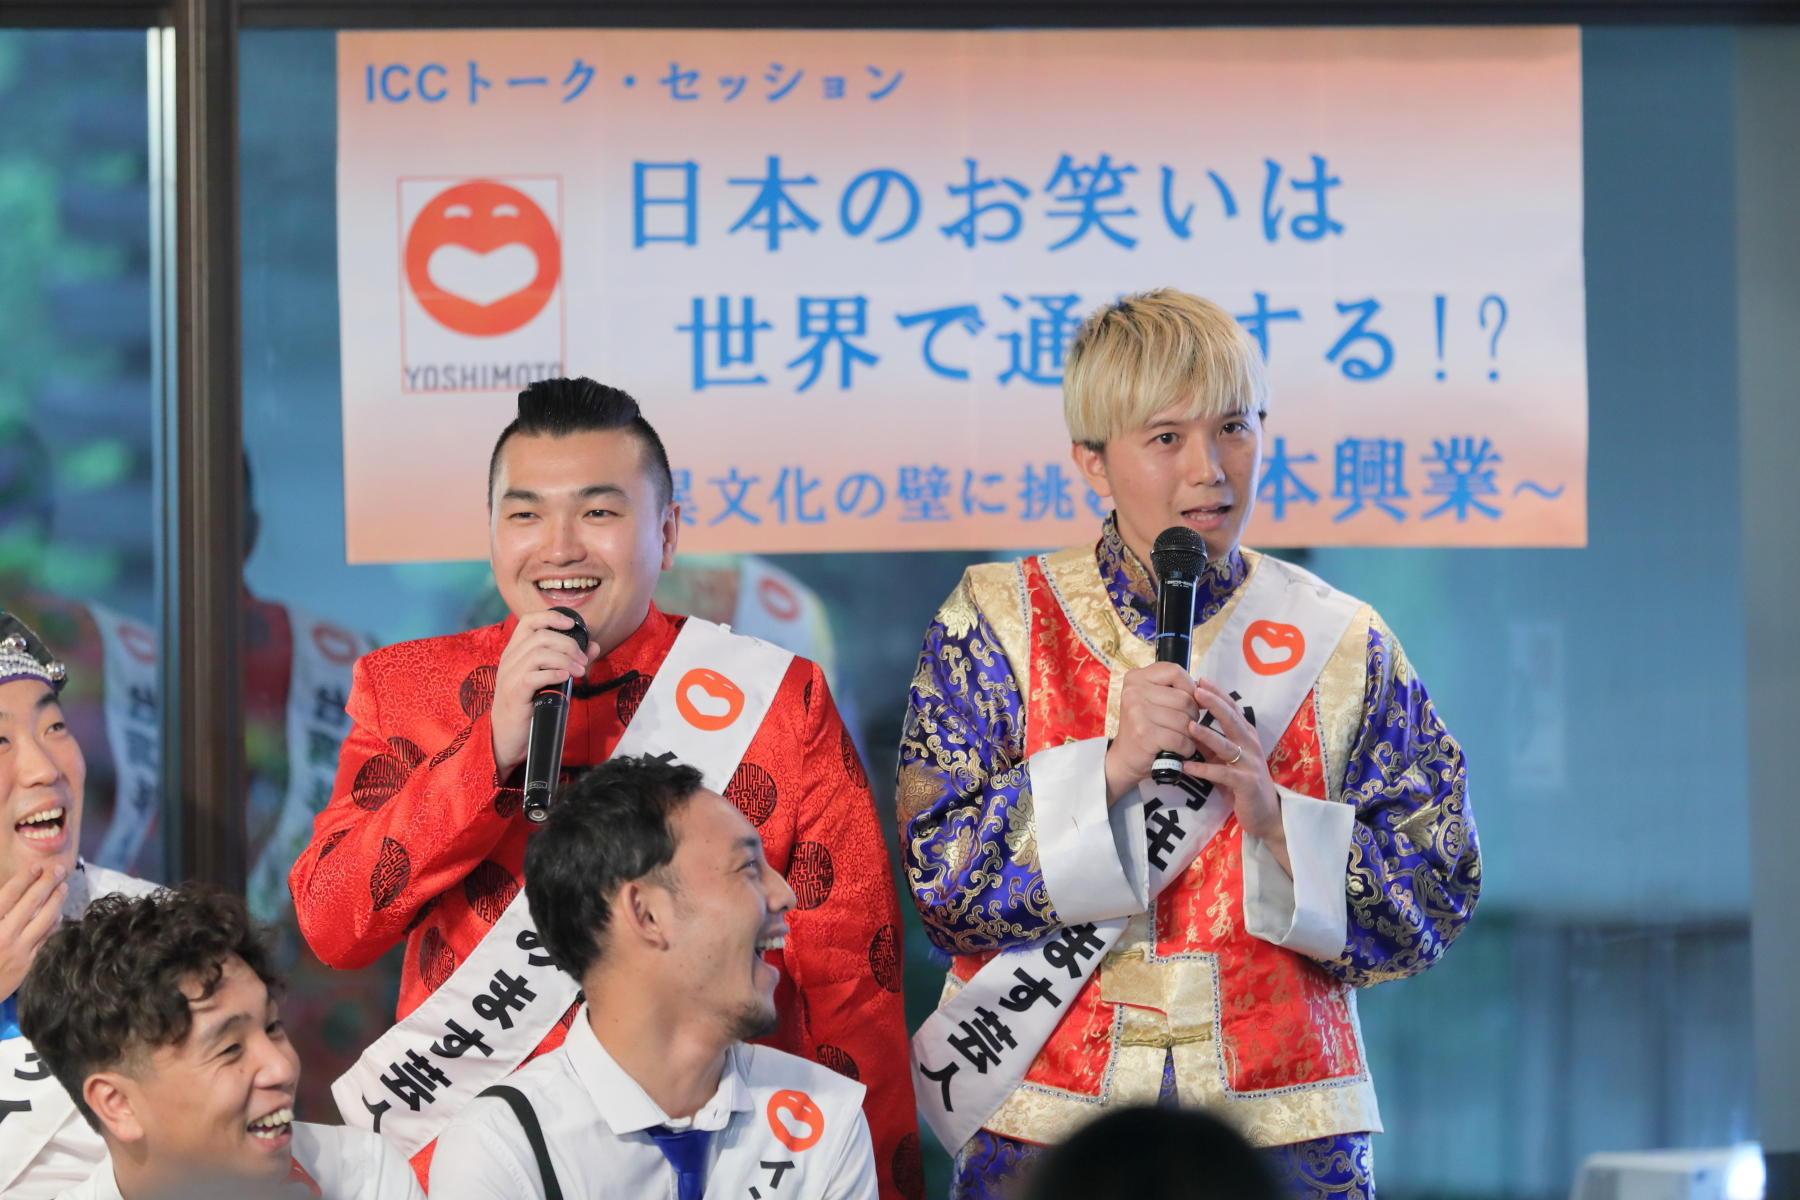 http://news.yoshimoto.co.jp/20180502054359-68847d54abd1cde3a665cfff75d587c831028ea6.jpg